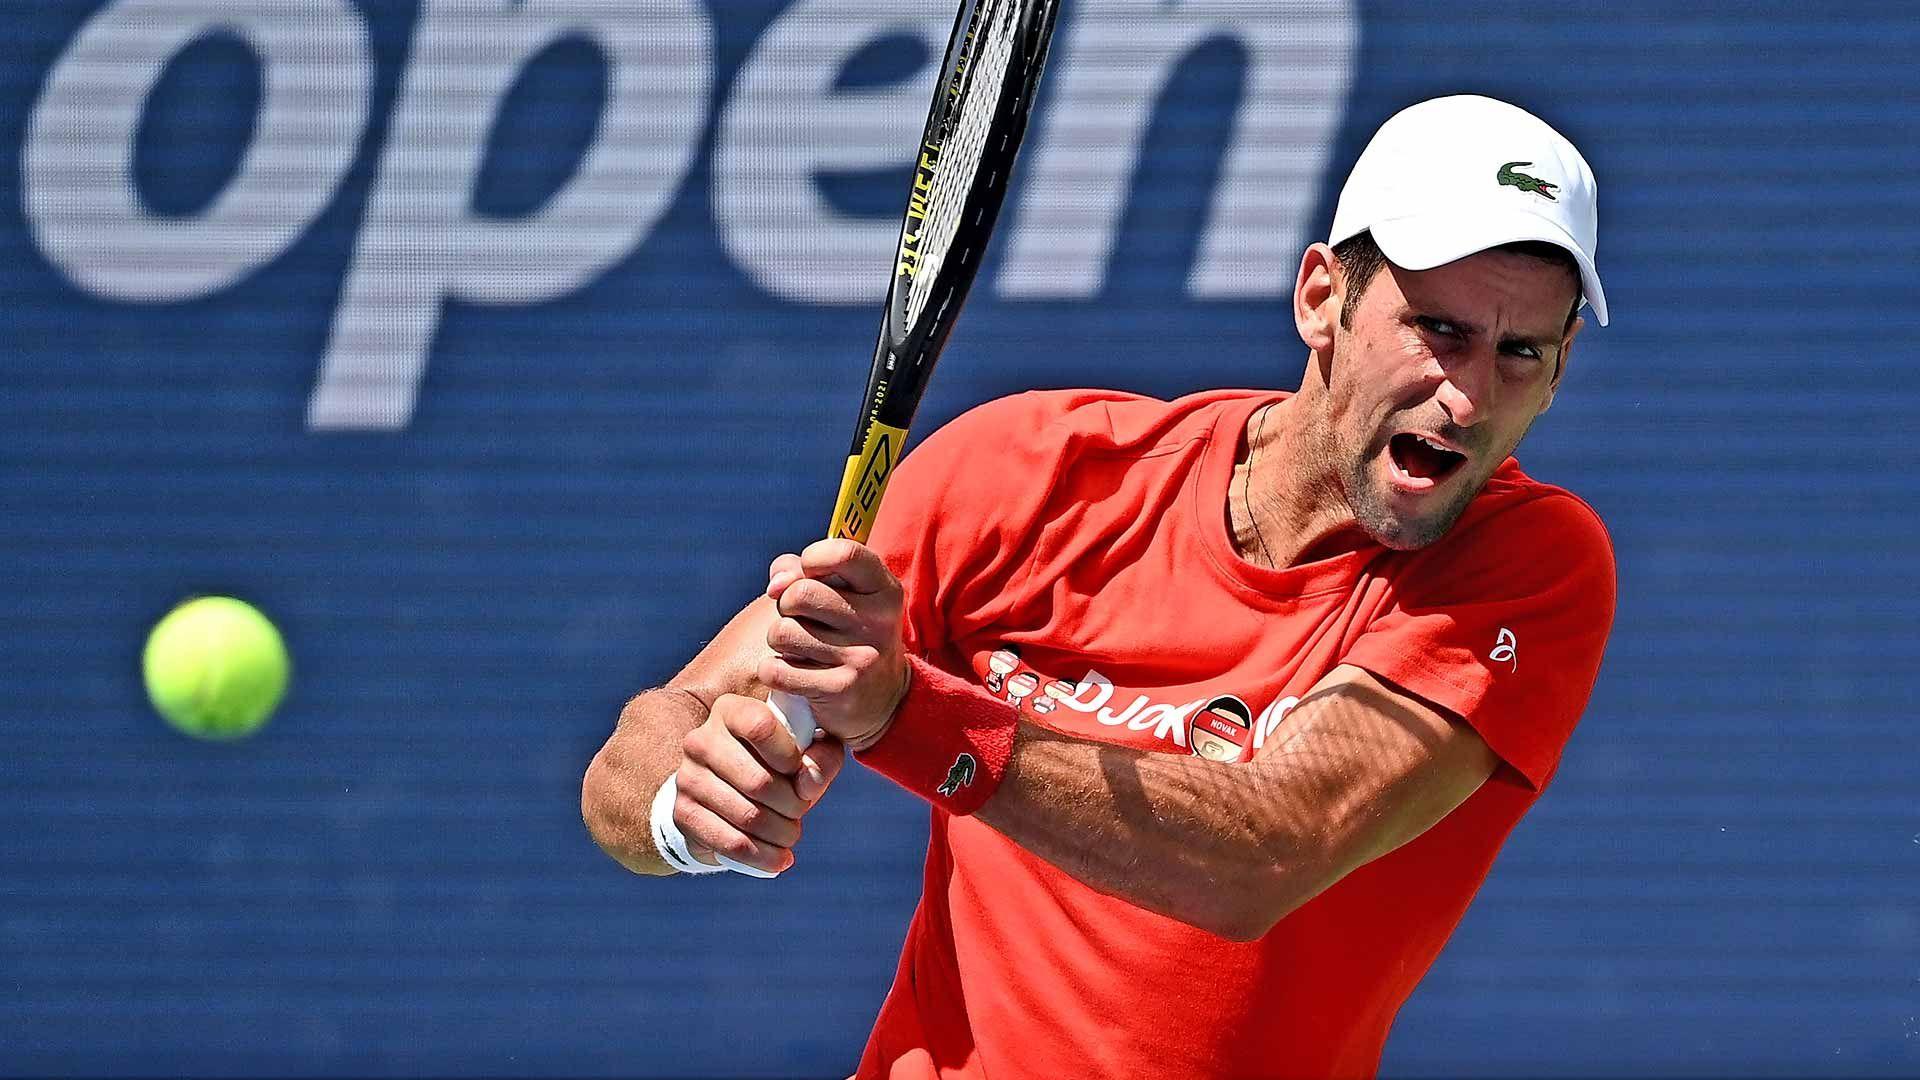 Djokovic in allenamento a New York 2021